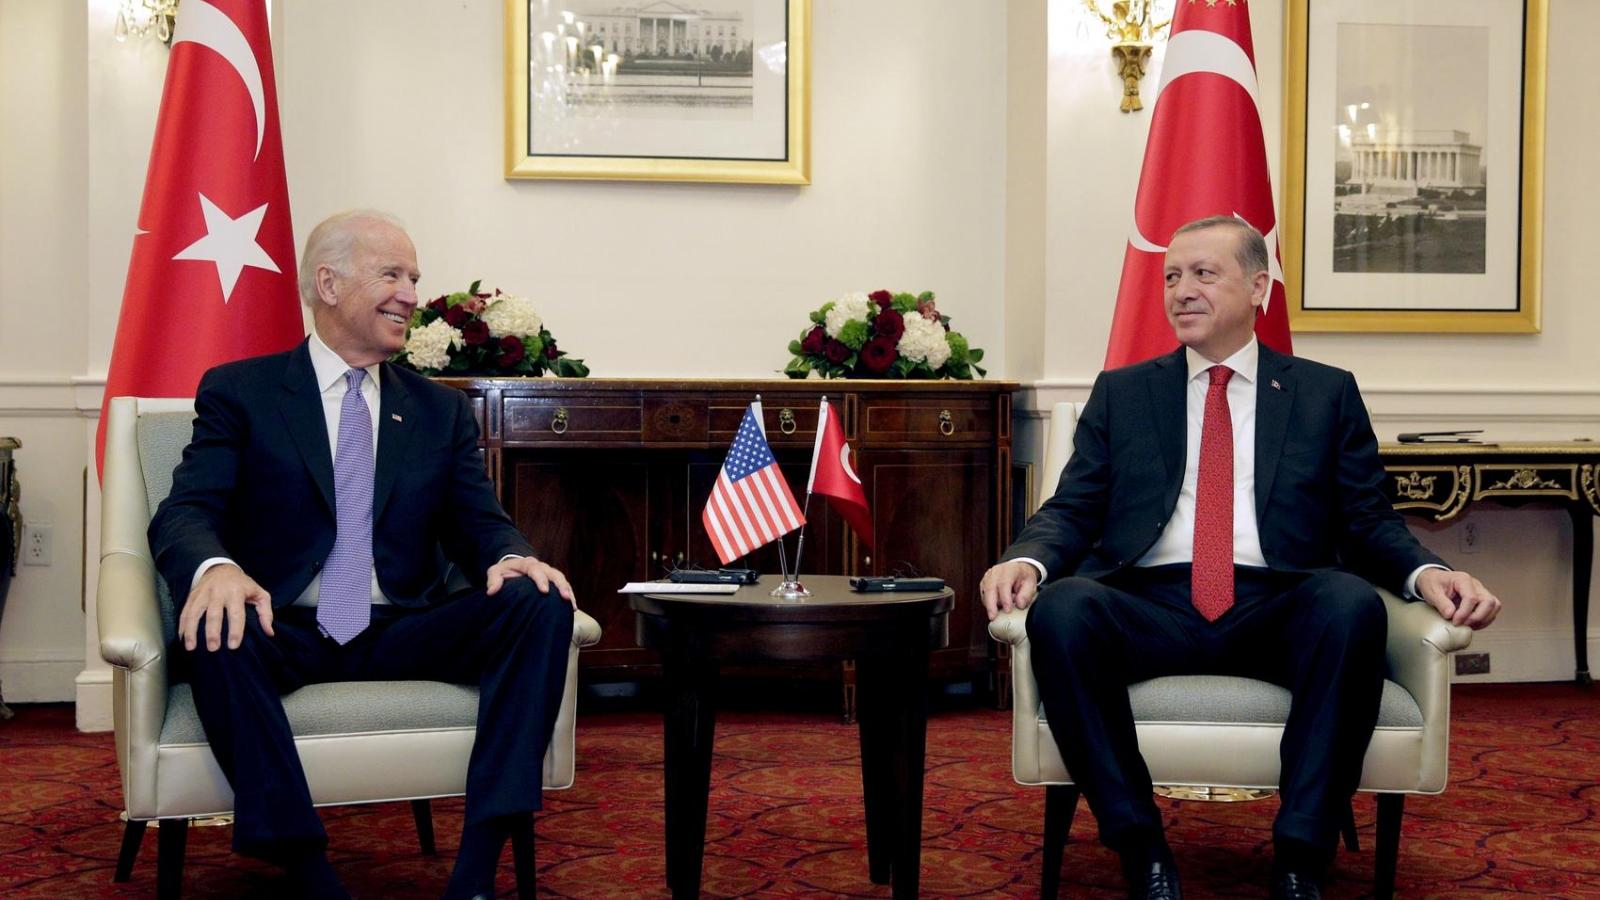 Thổ Nhĩ Kỳ không muốn bị Mỹ trừng phạt dưới thời Biden vì mua S-400